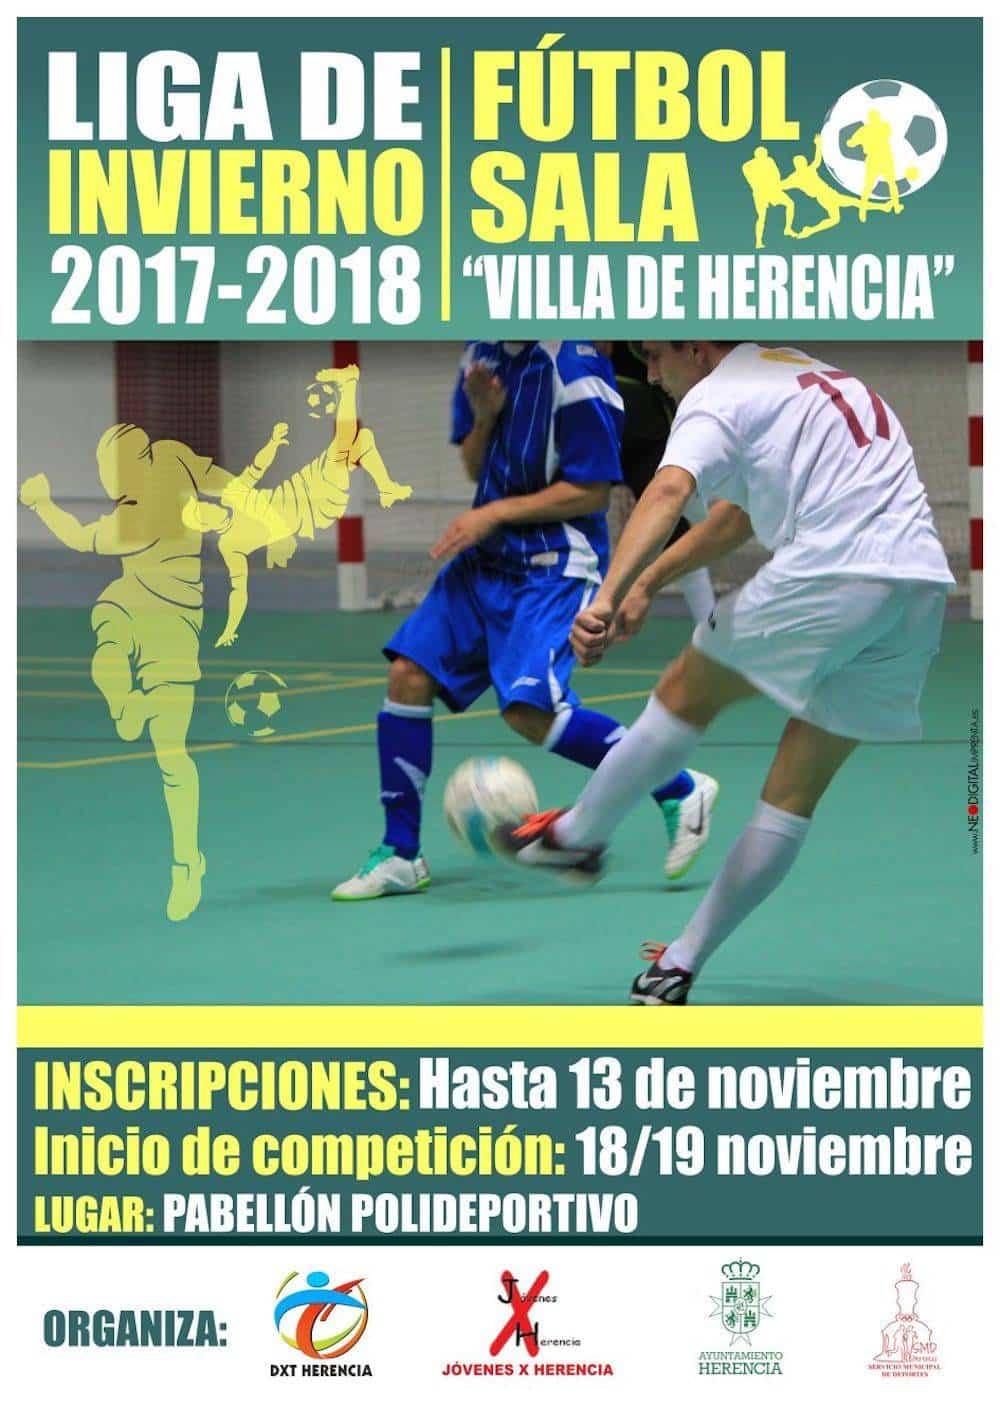 liga de inviernos 2017 2018 - Inscripciones abiertas: Liga de Invierno 2017-2018 Fútbol Sala